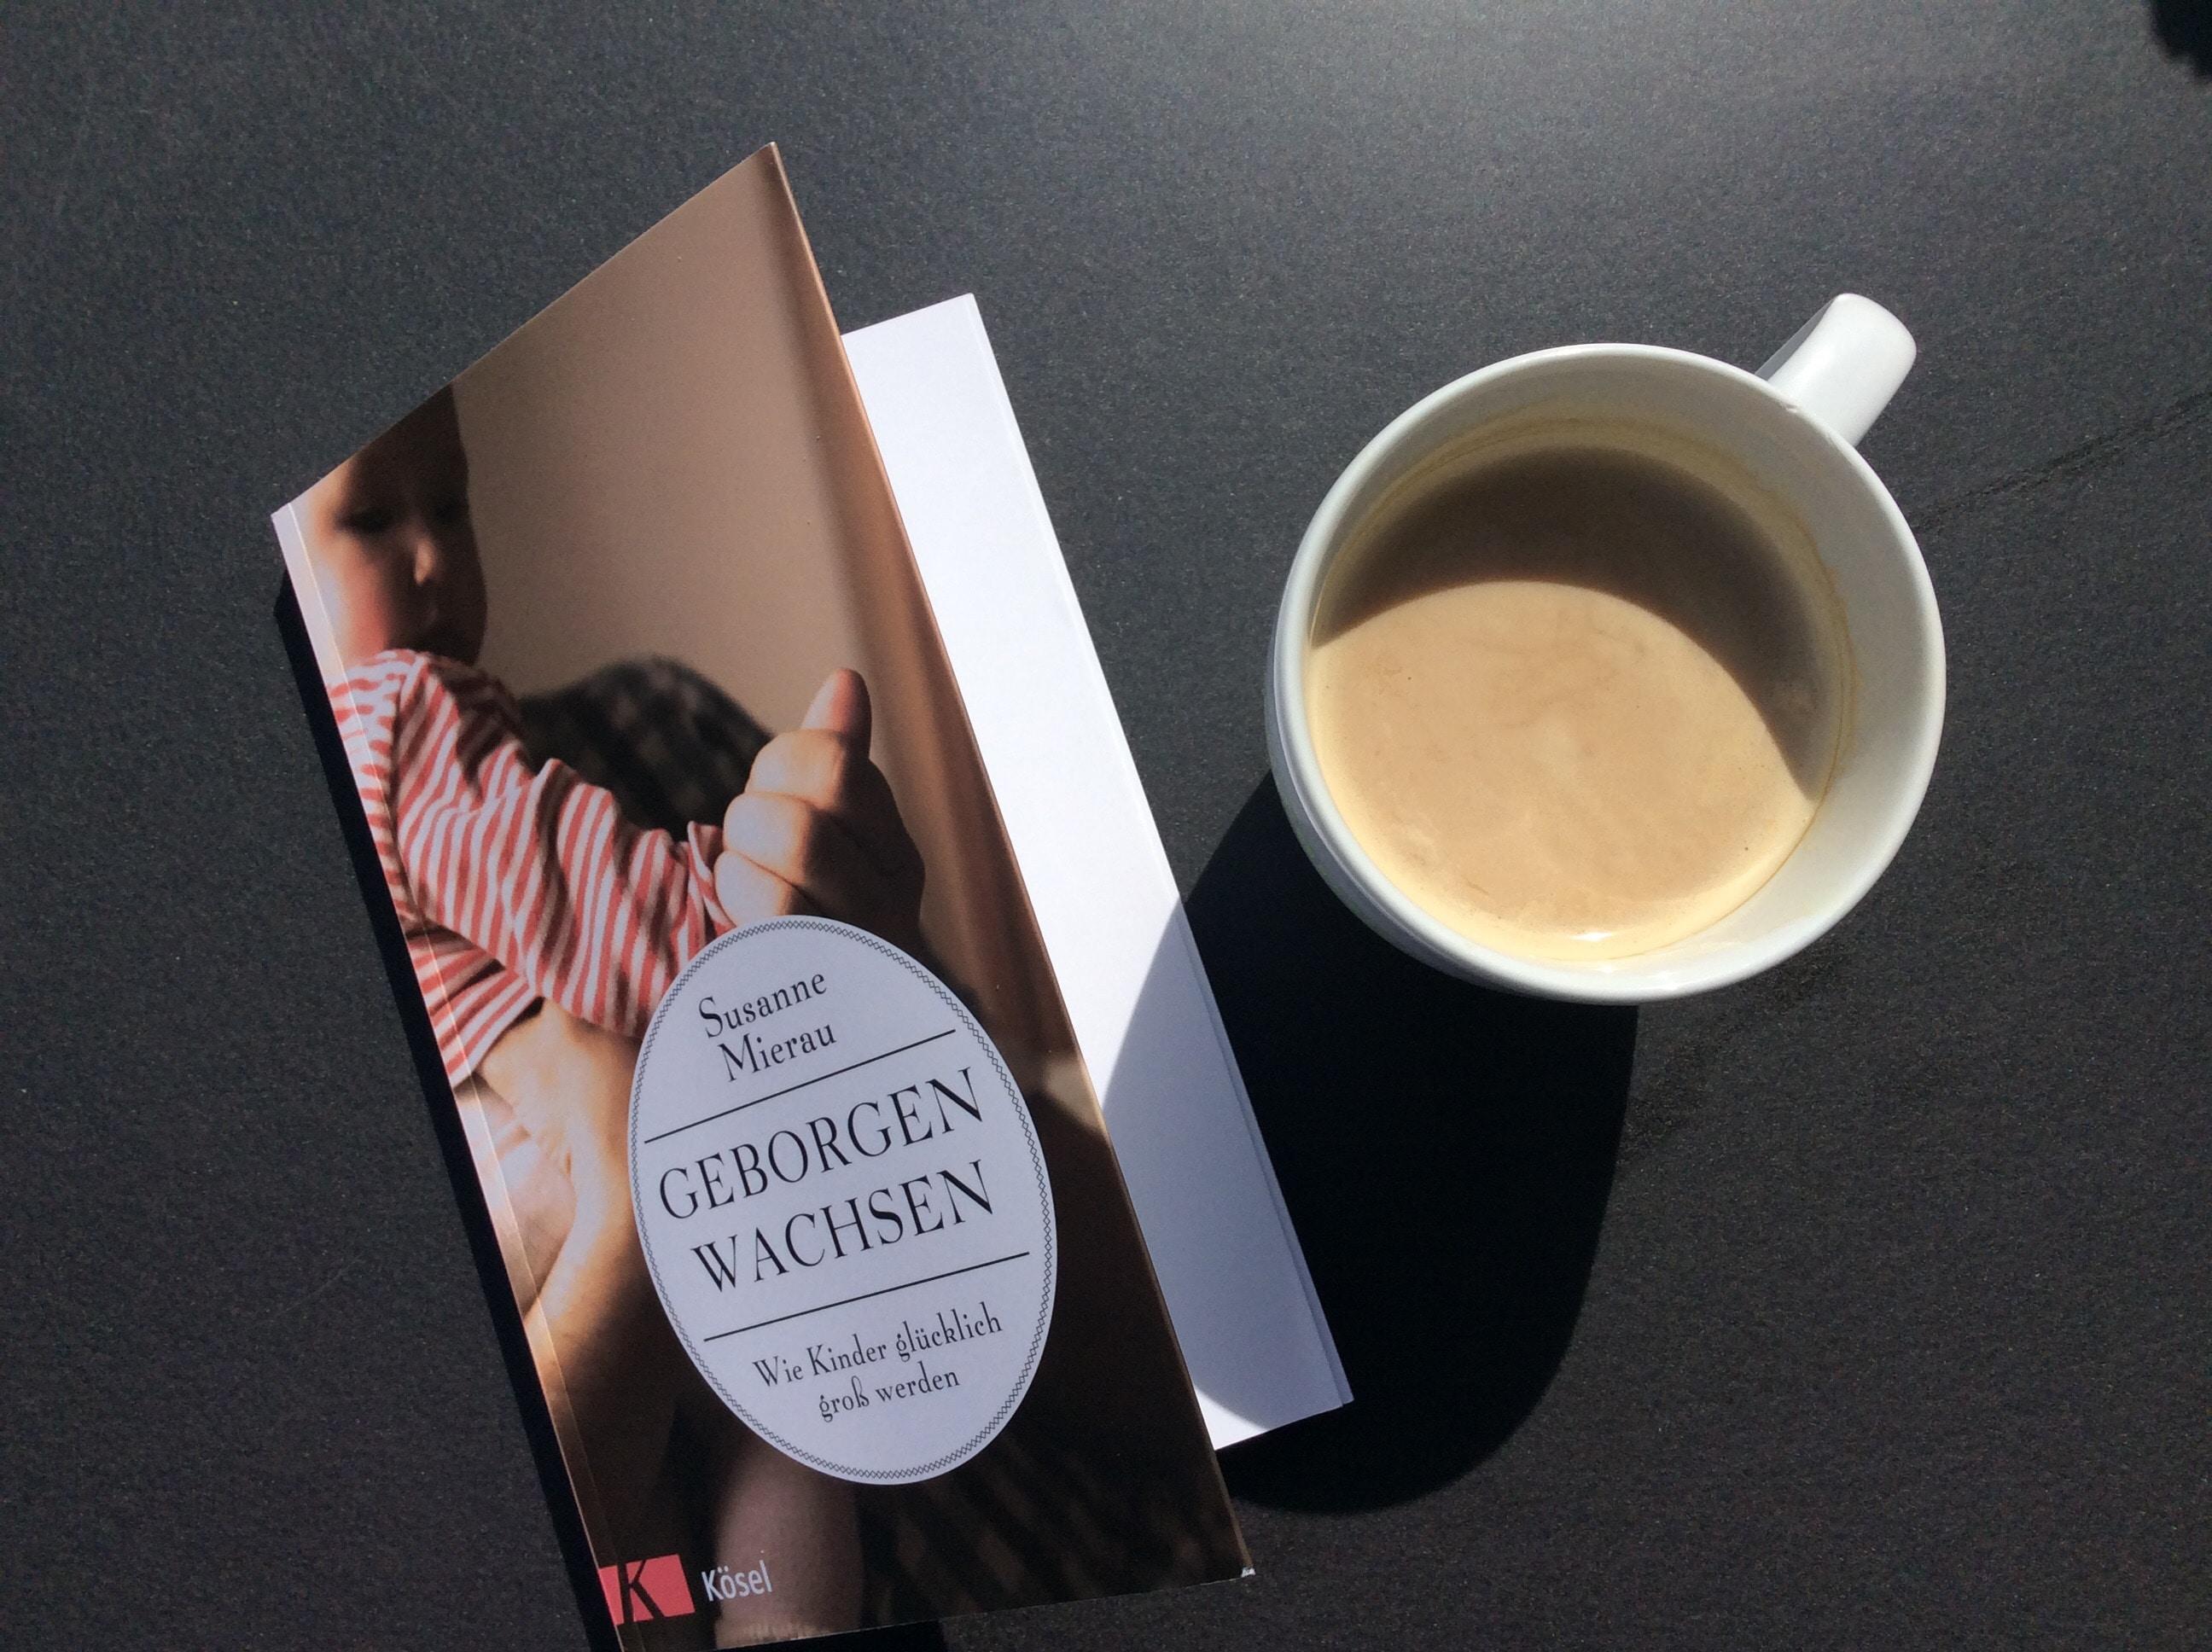 """Rezension """"Geborgen wachsen"""" von Susanne Mierau"""